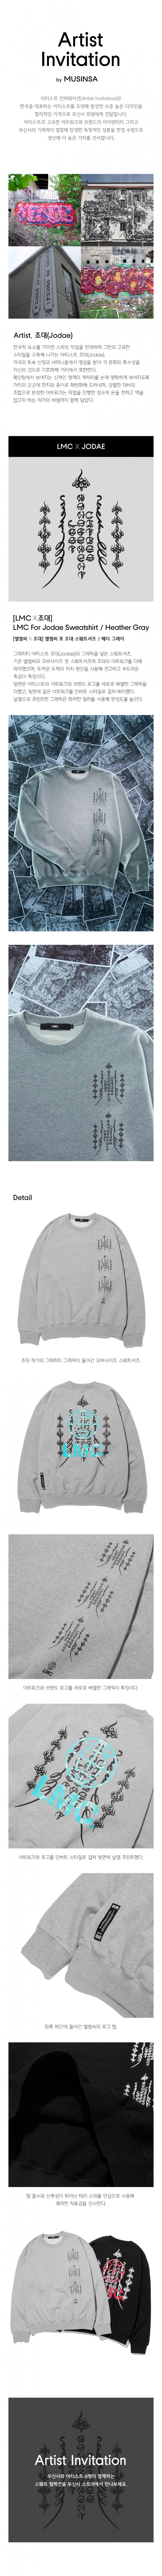 엘엠씨(LMC) [엘엠씨 X 조대] 엘엠씨 포 조대 스웨트셔츠_헤더 그레이